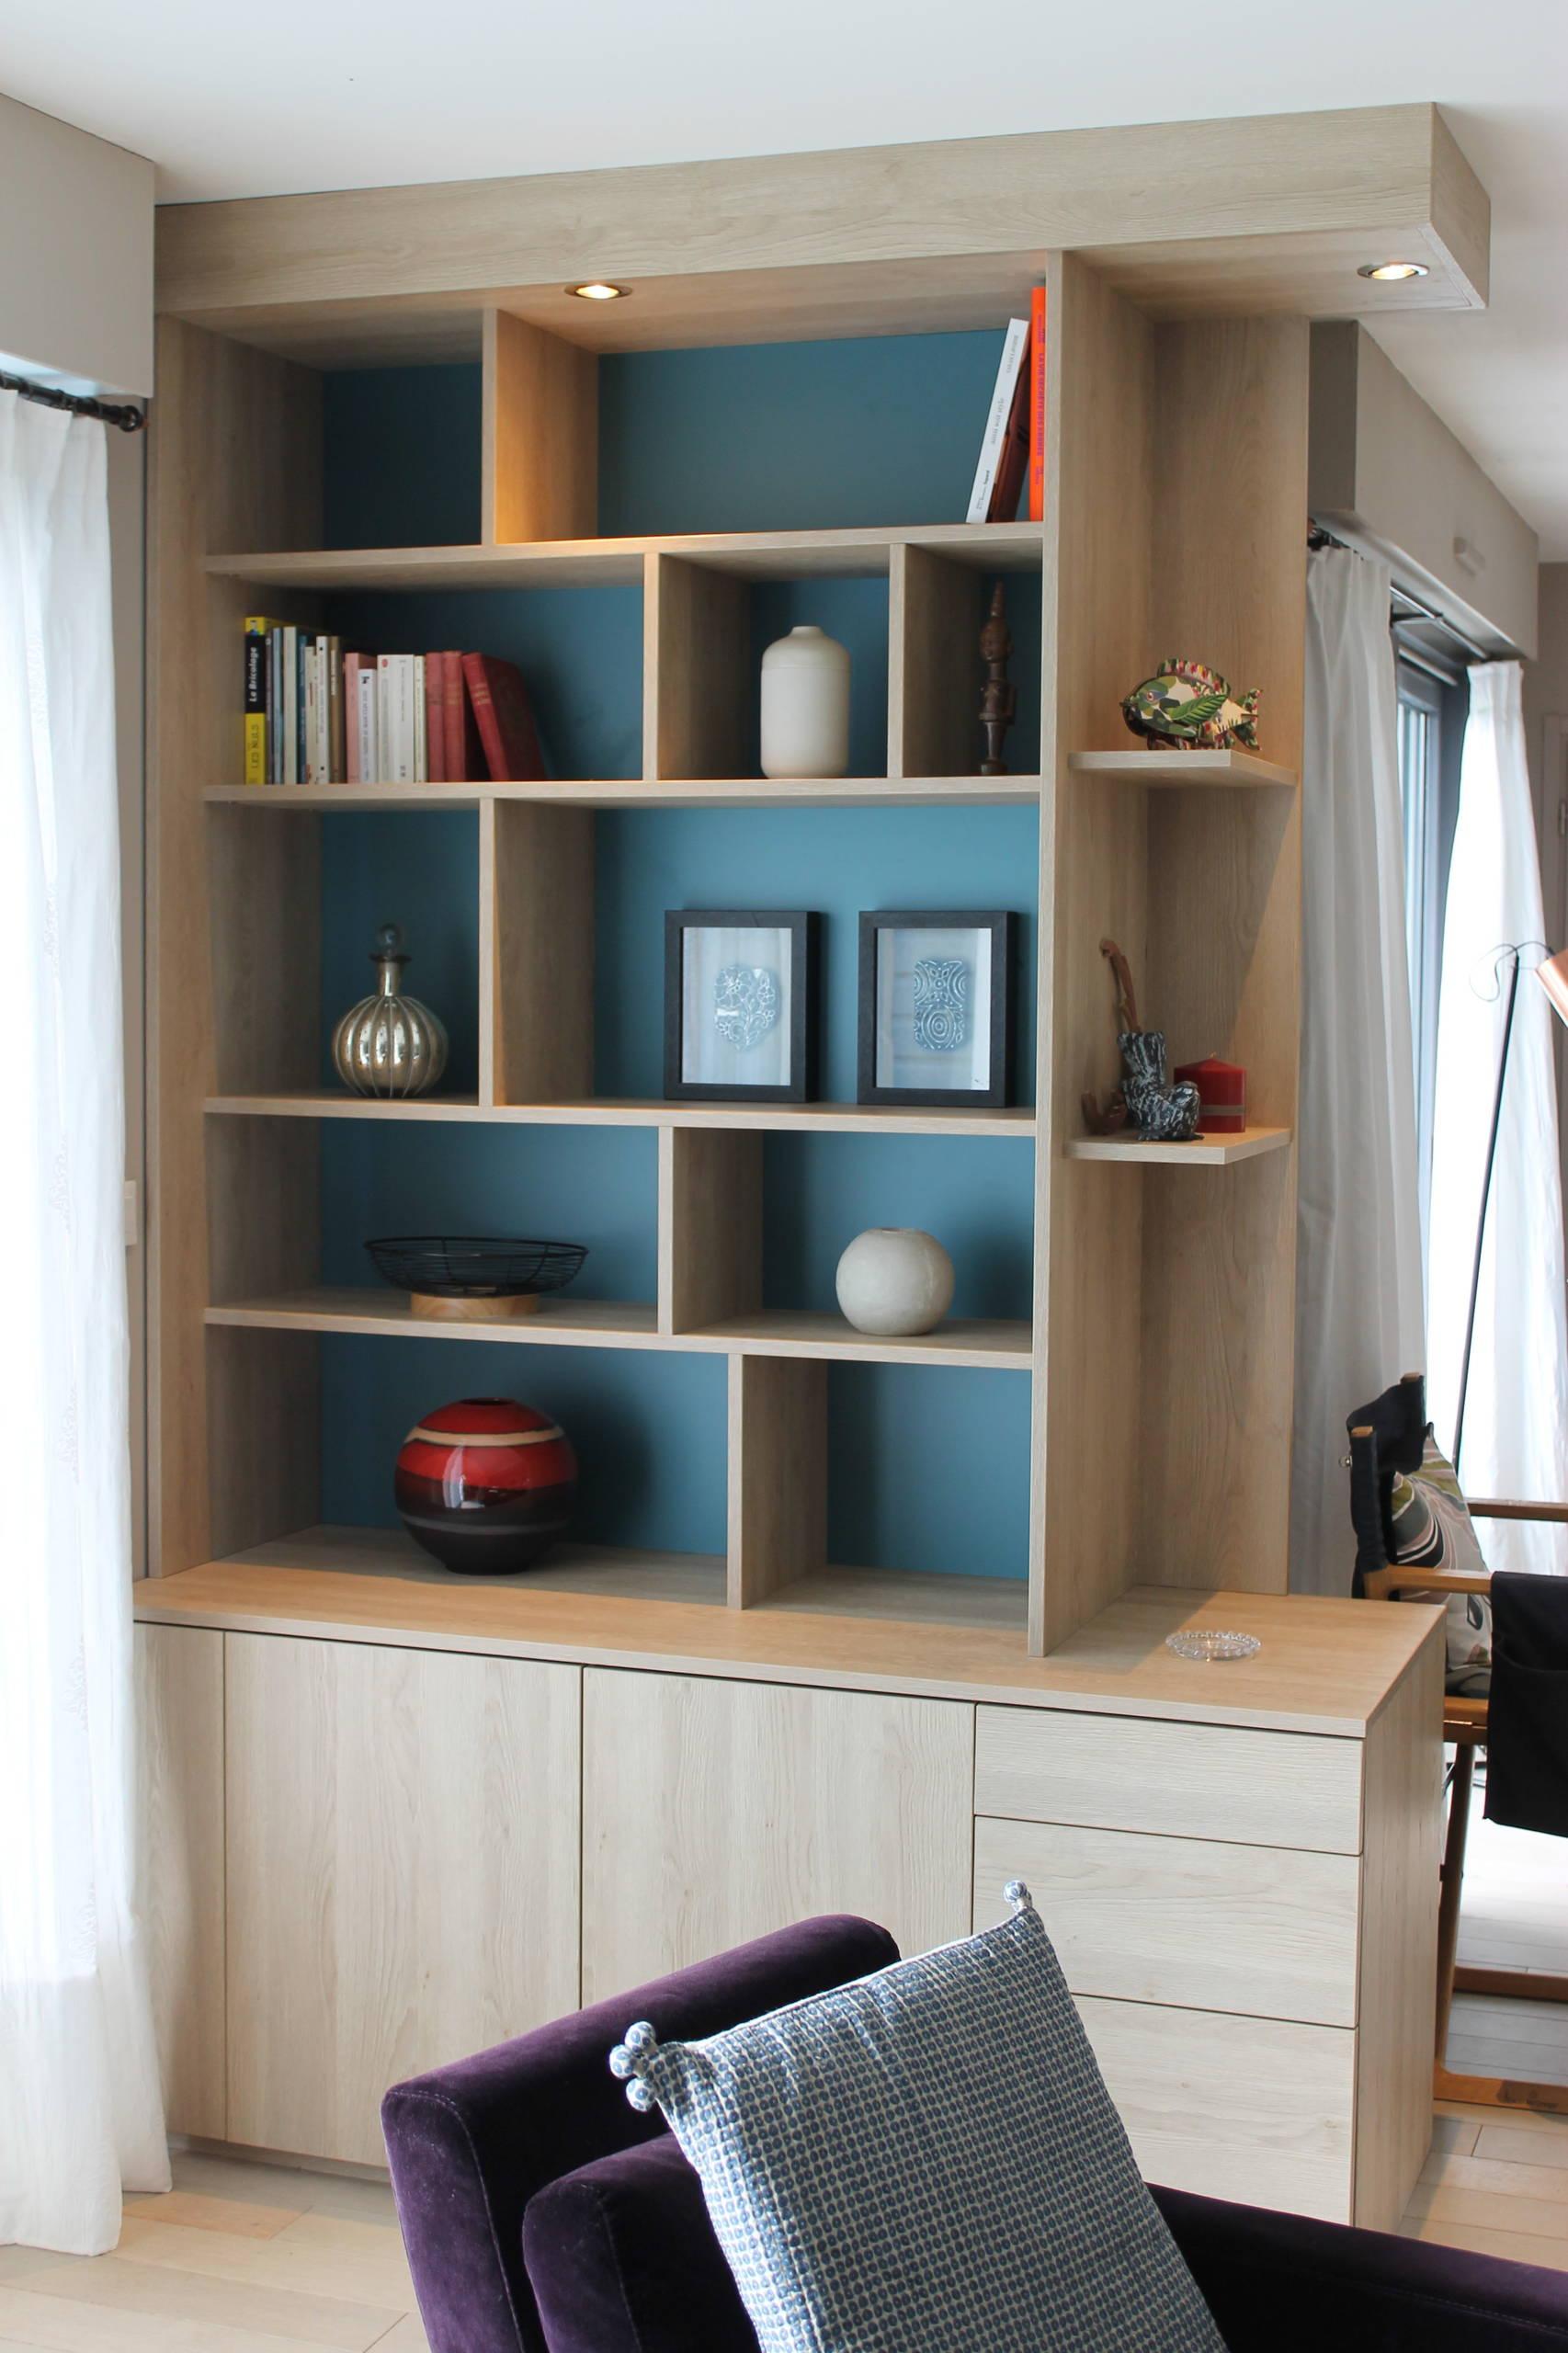 Construction d'un meuble sur mesure en bois sur fond bleu